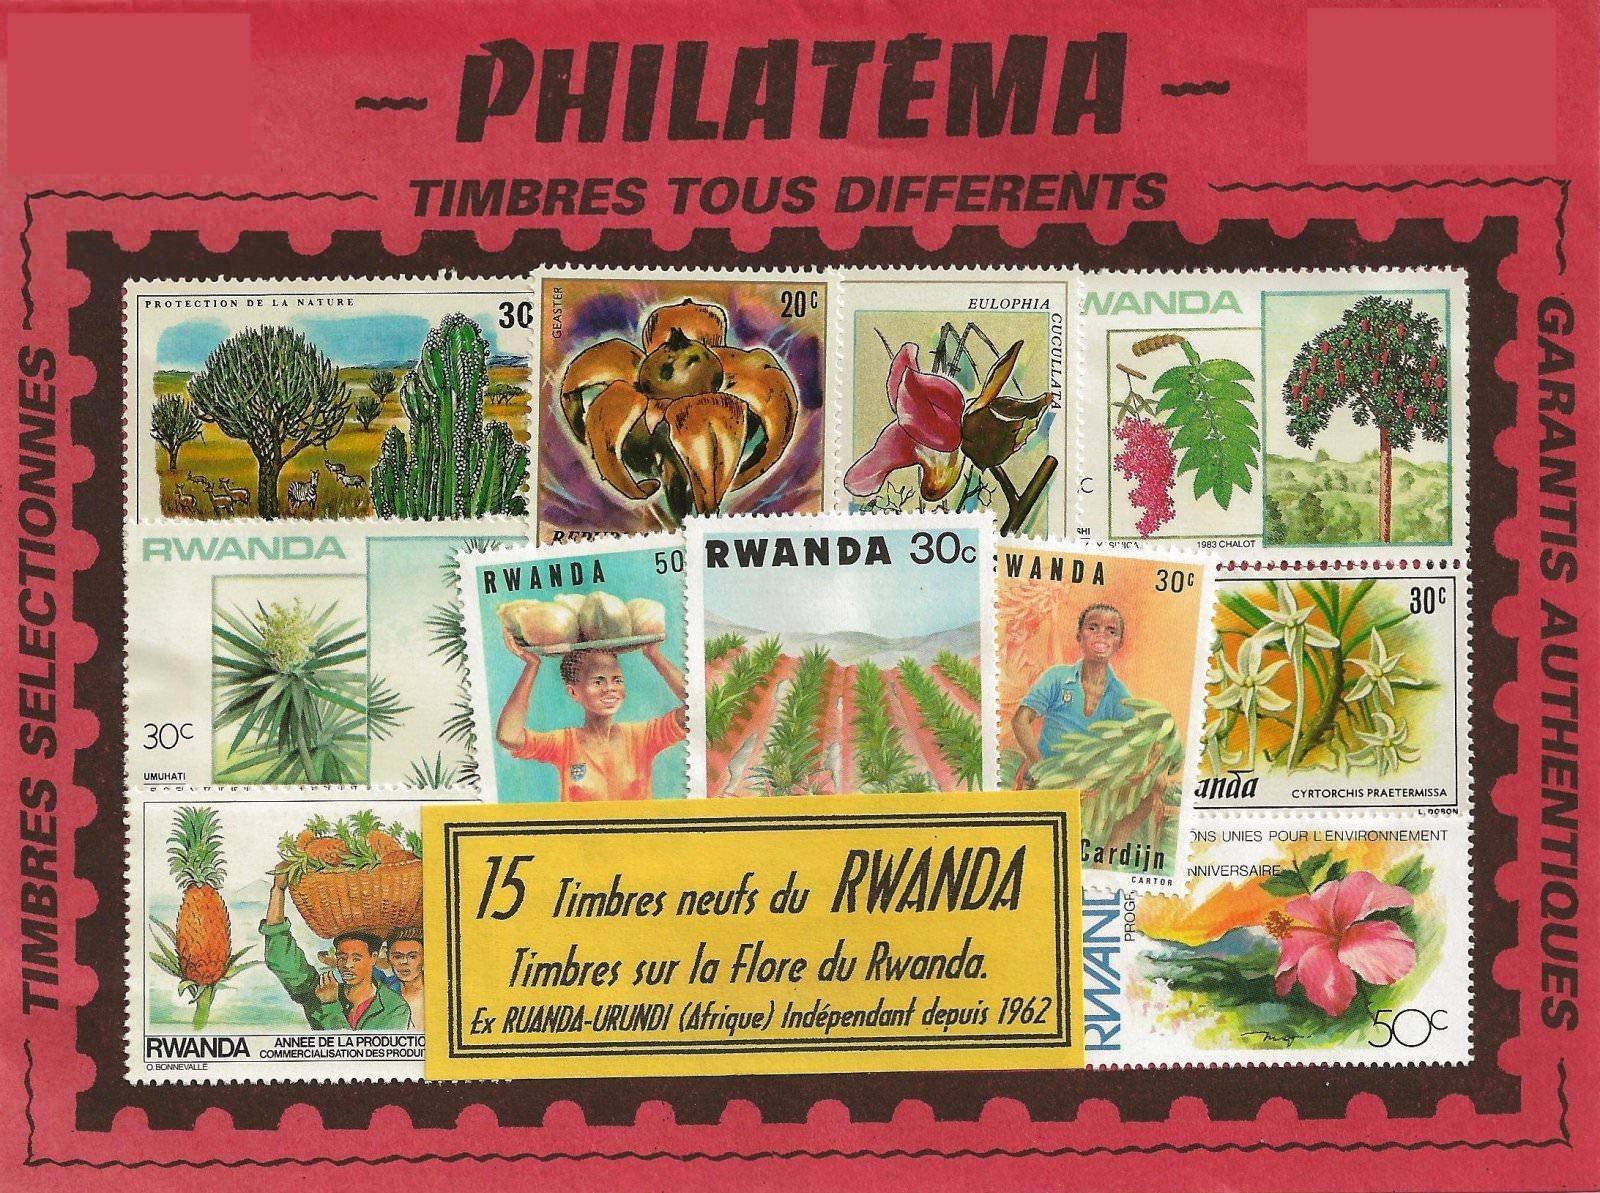 FLORE DU RWANDA